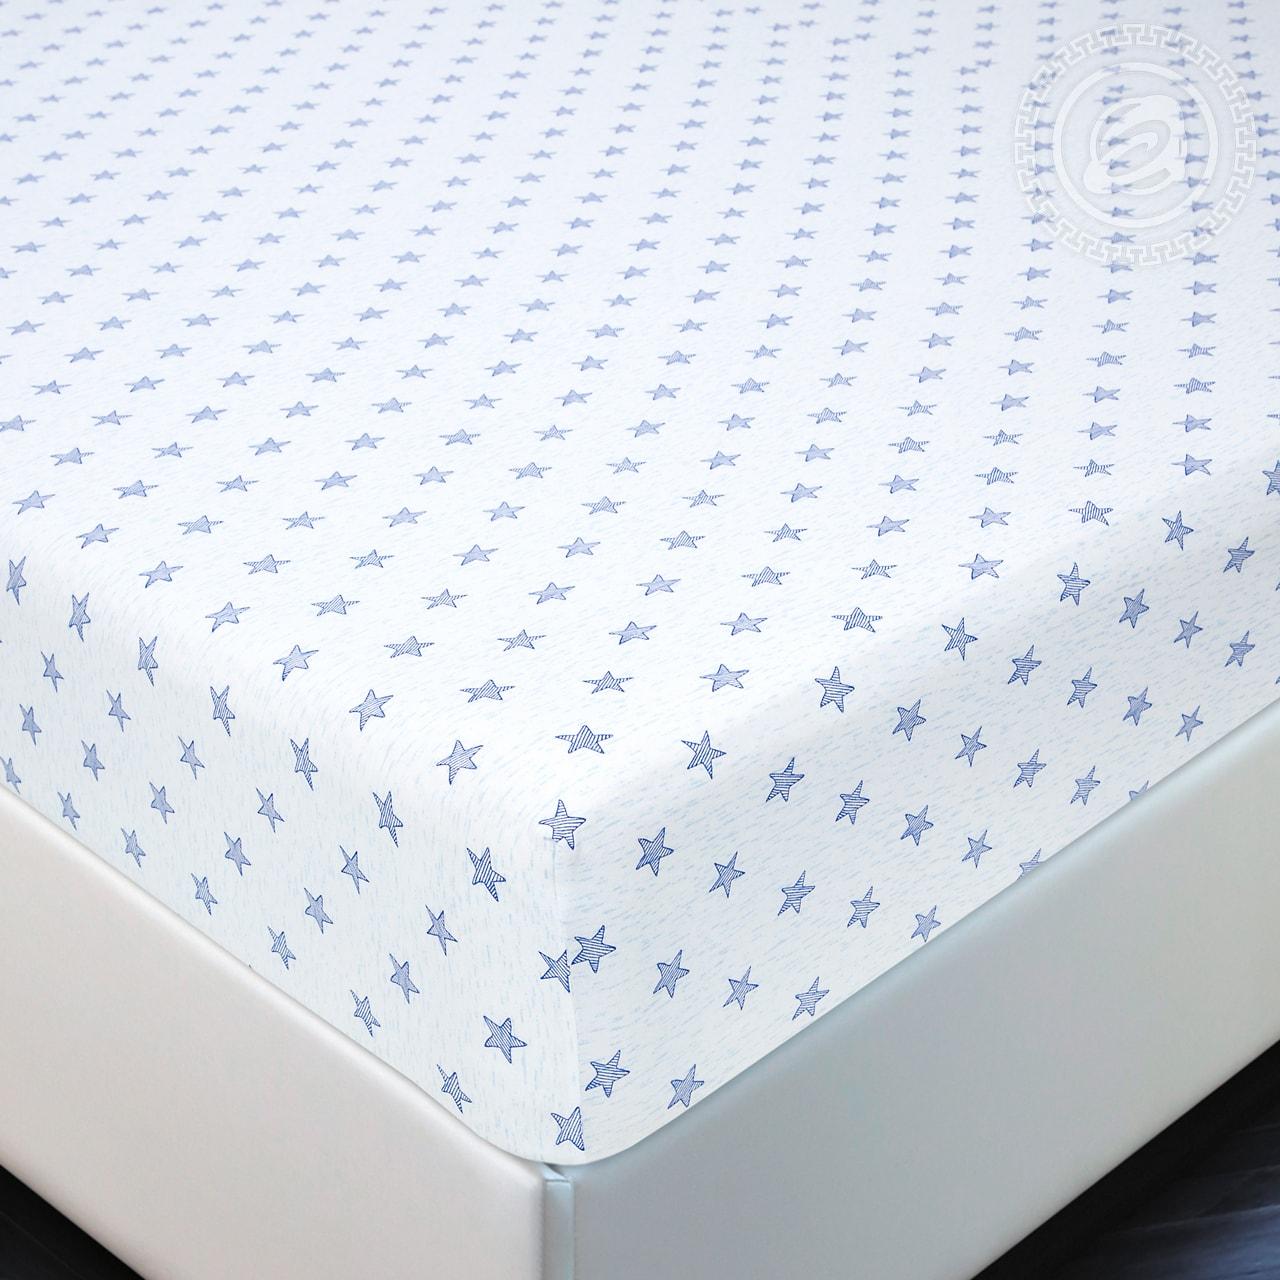 Простыня на резинке Звезды голубой (трикотаж) (90х200) простыни valtery простыня на резинке brant 90х200